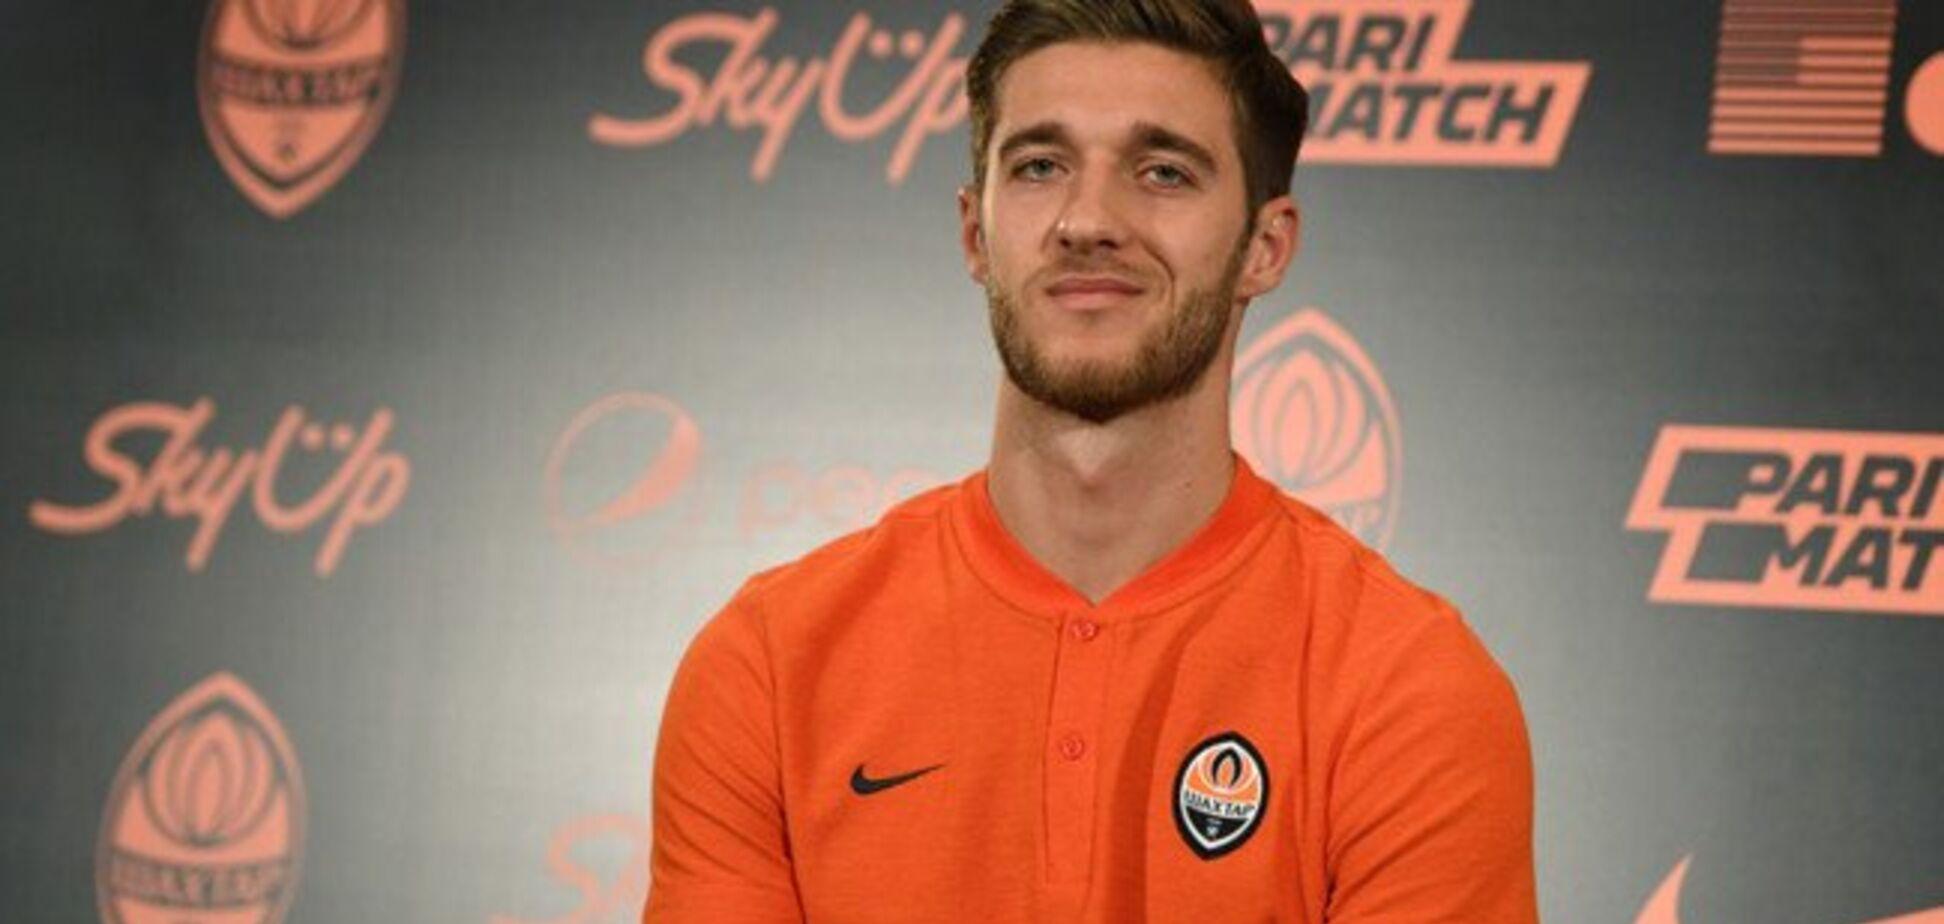 Должен покинуть! Украинского футболиста 'Шахтера' выгнали из клуба